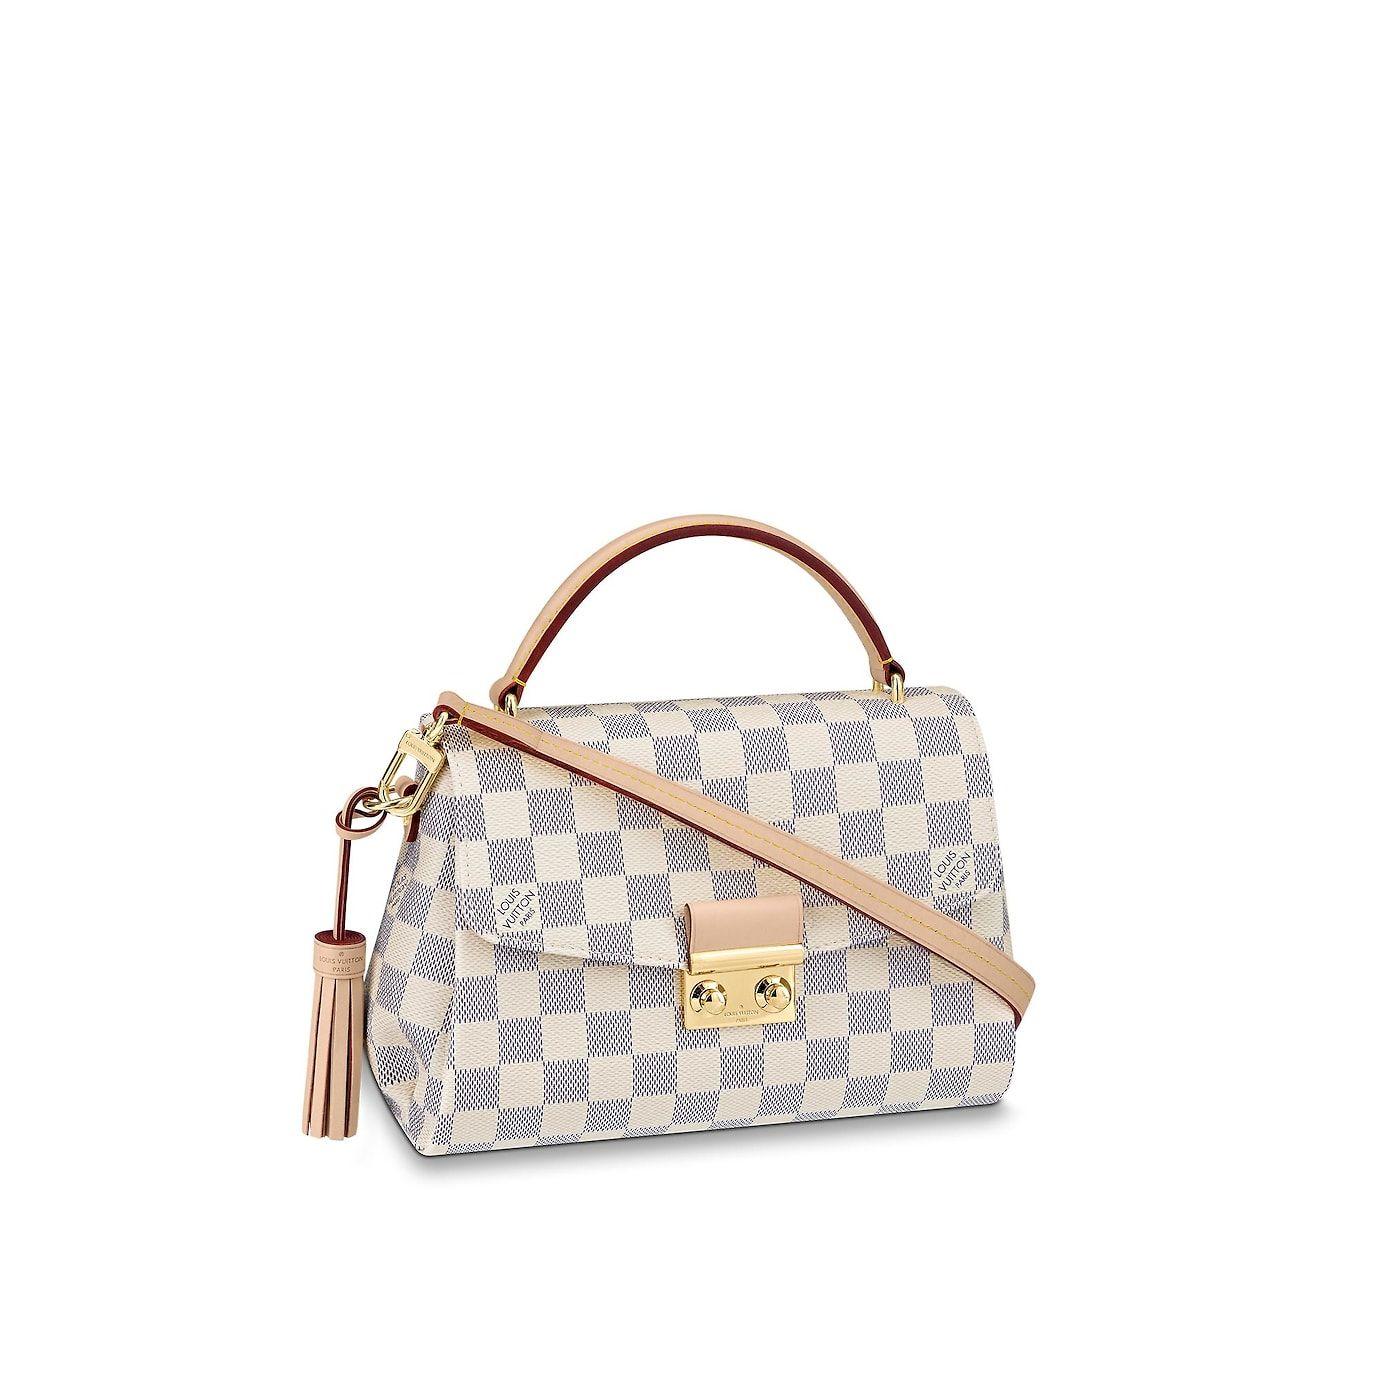 ad61615653 View 1 - Women - Croisette Damier Azur Canvas Women Handbags Top Handles